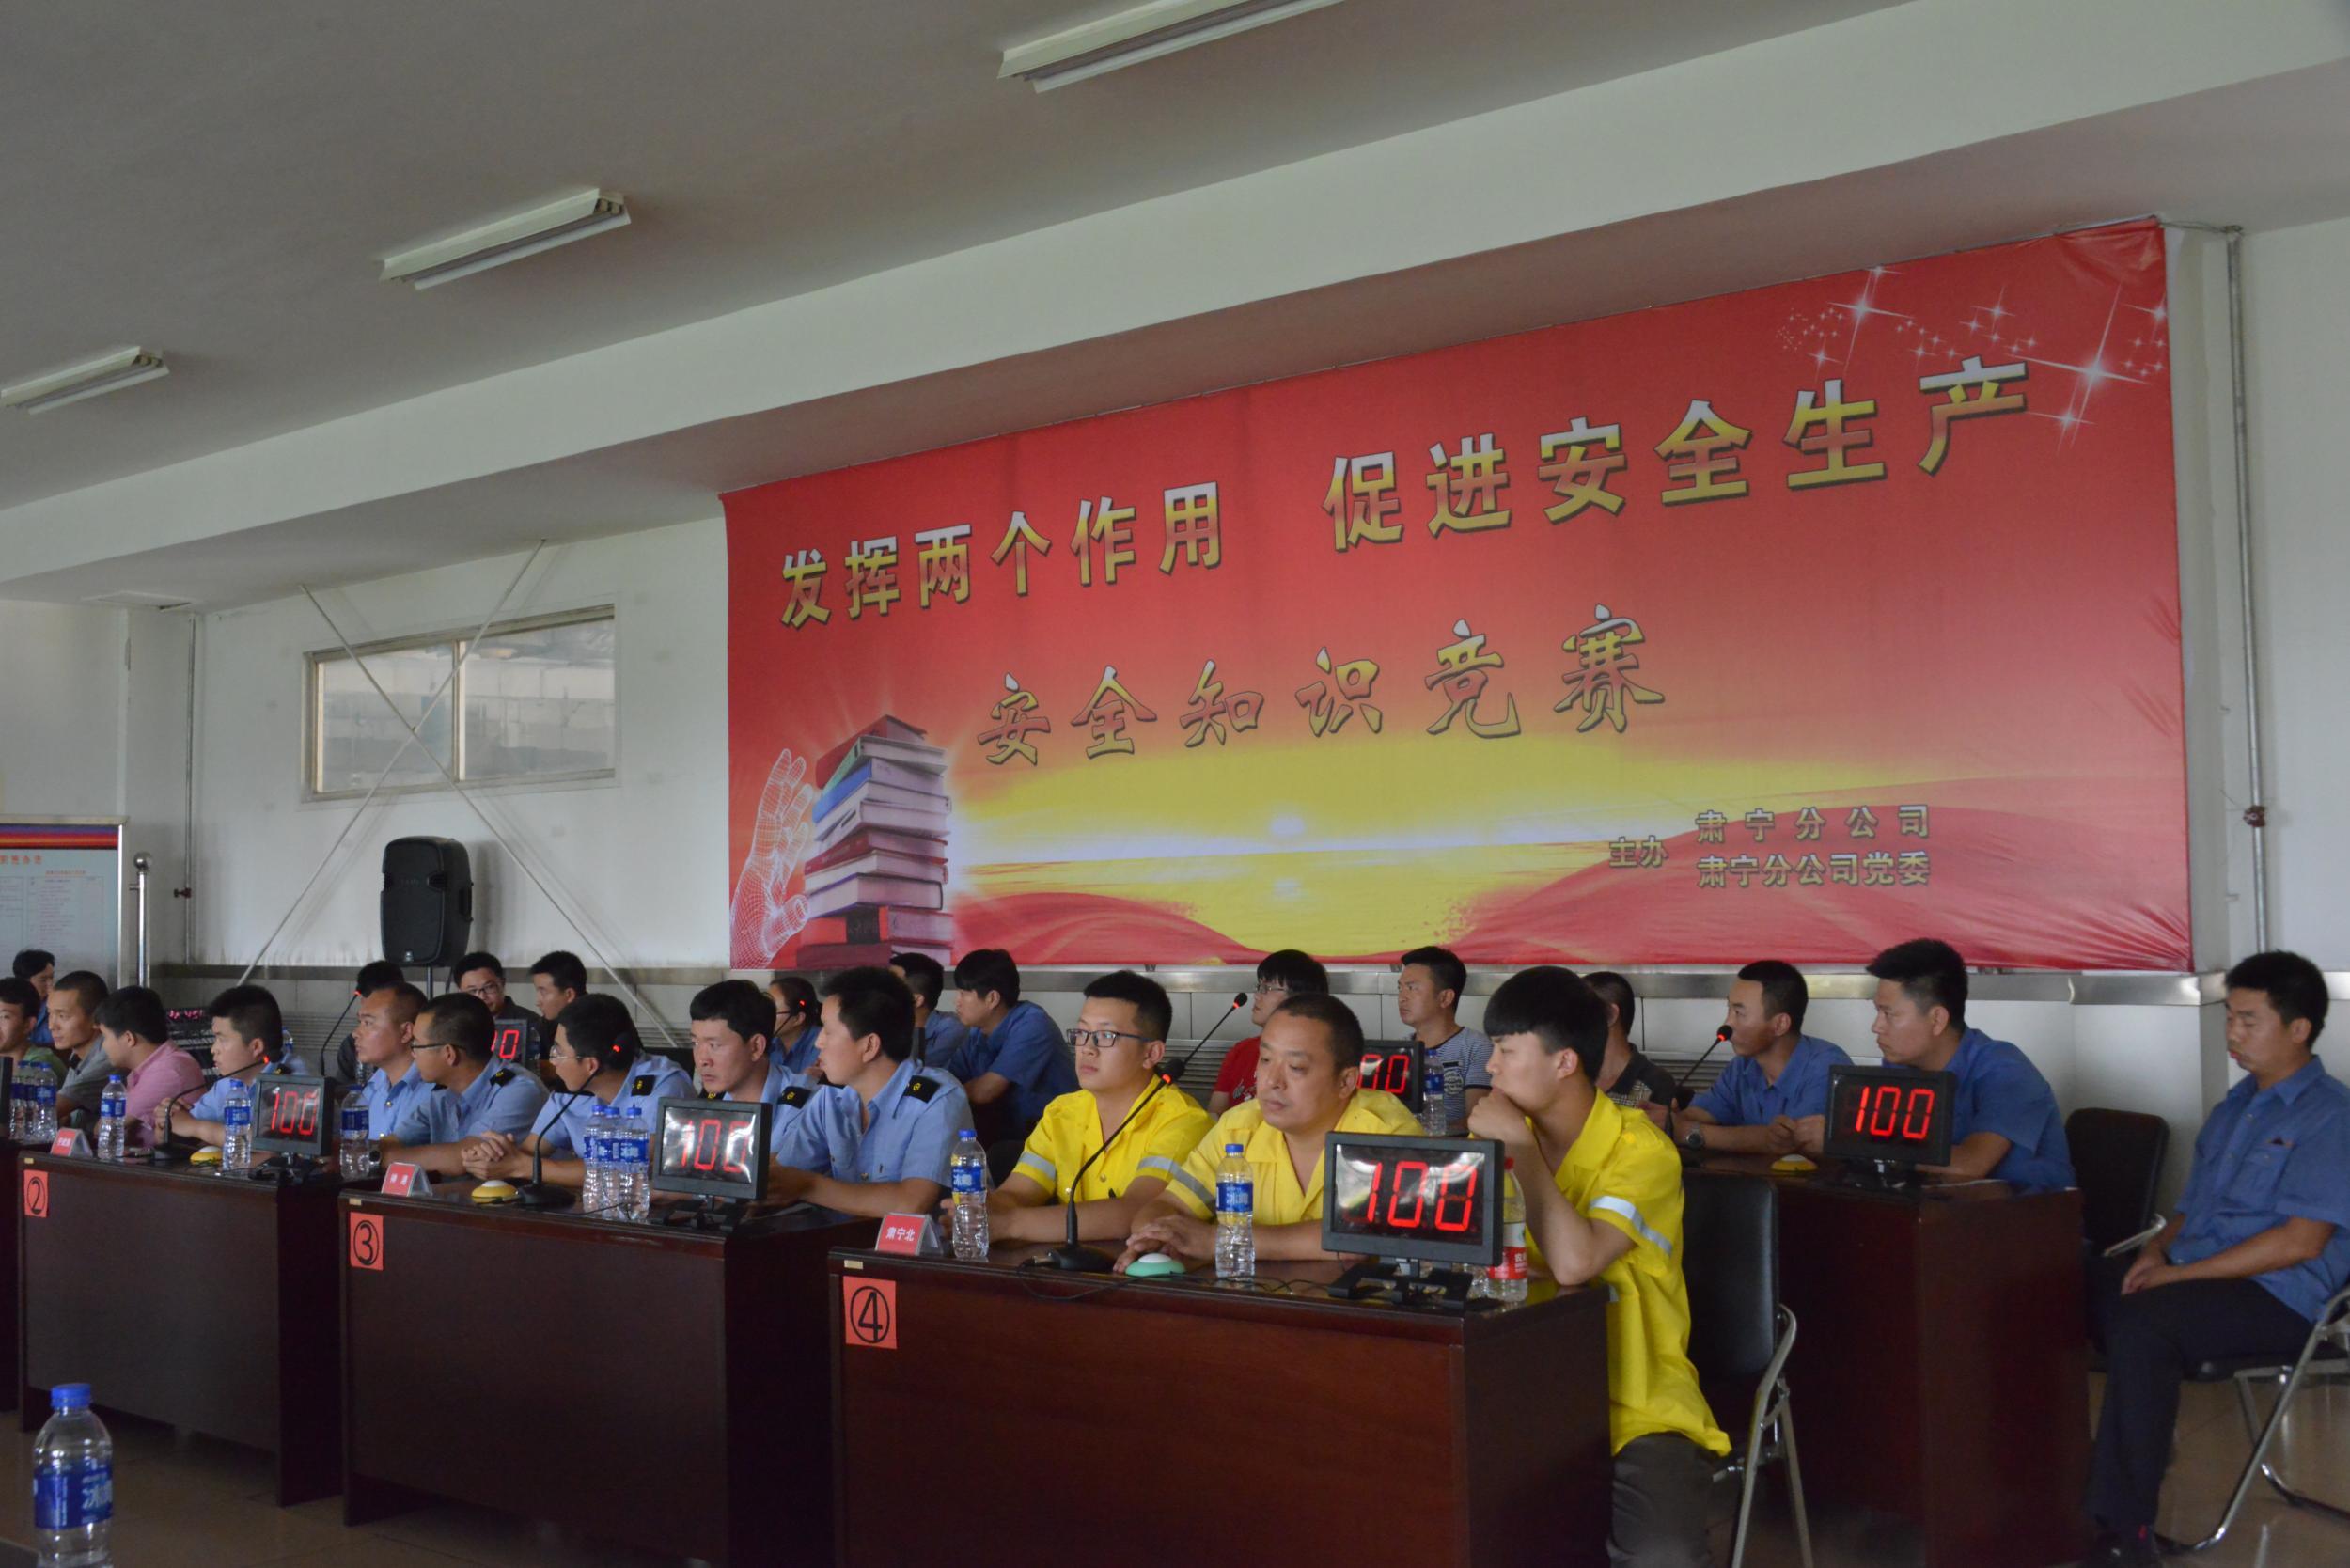 肃宁分公司坚持安全管理,形成文化质量的新堡垒